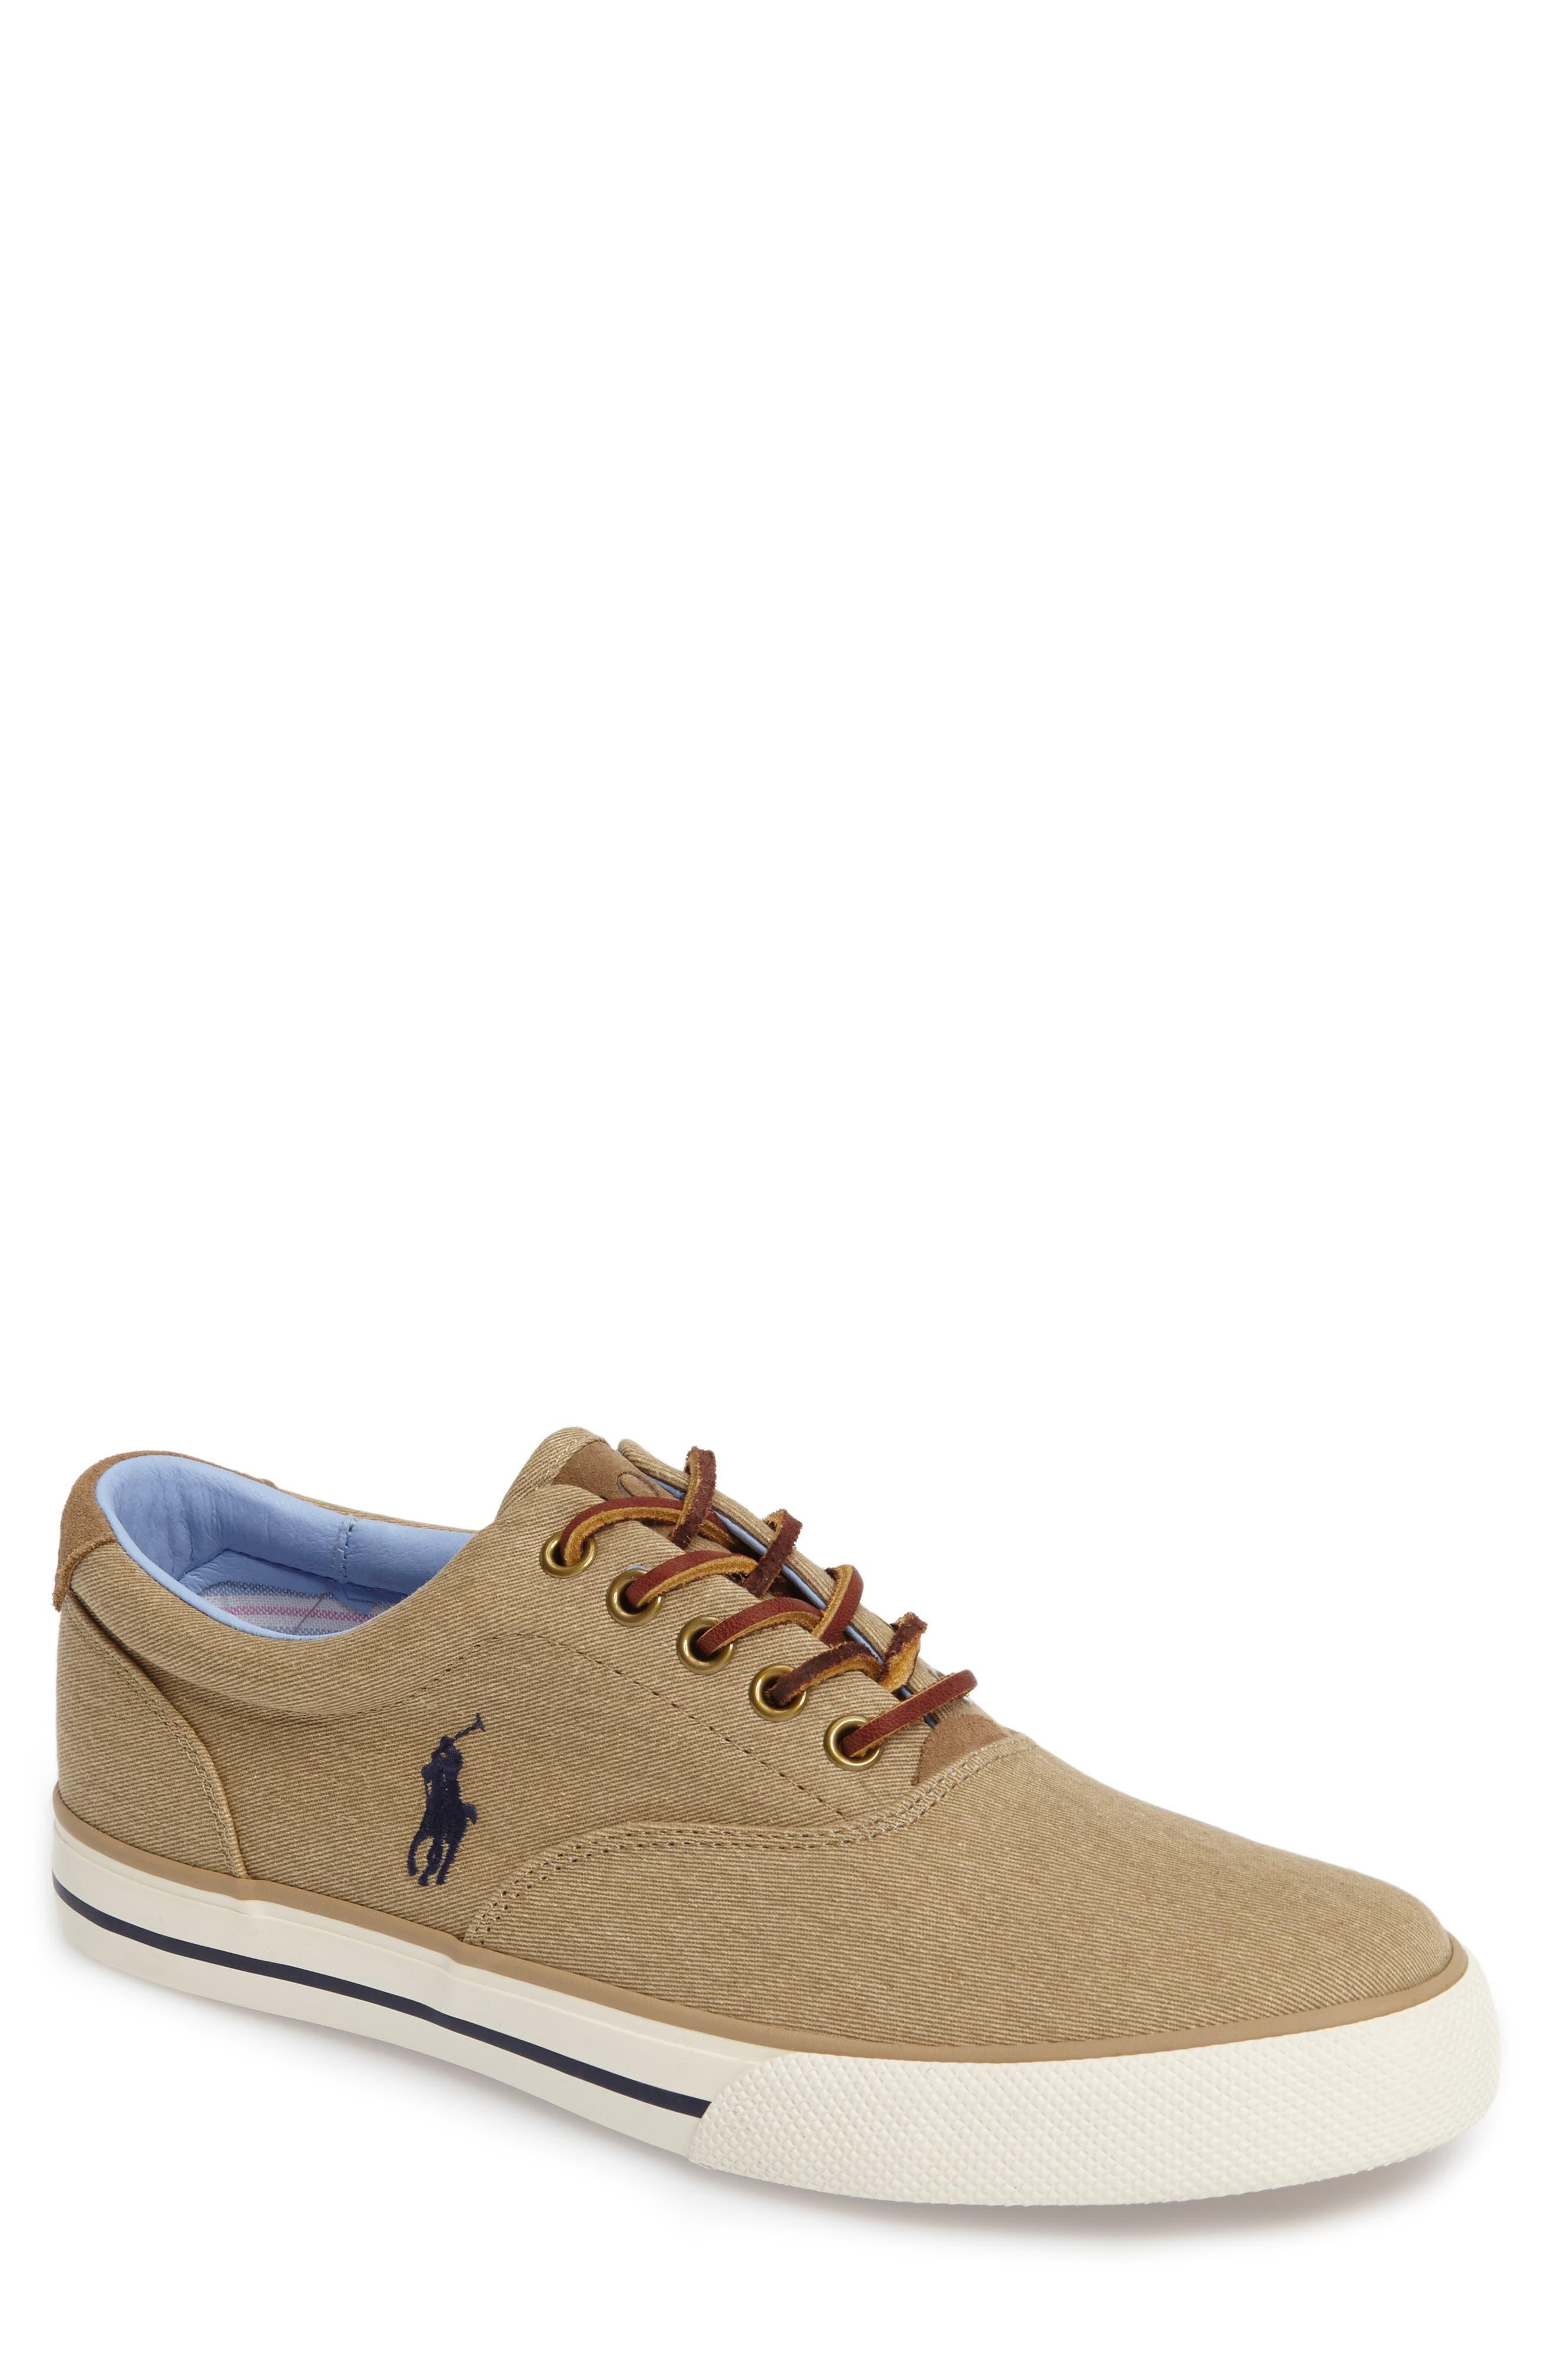 Vaughn Sneaker,                             Main thumbnail 4, color,